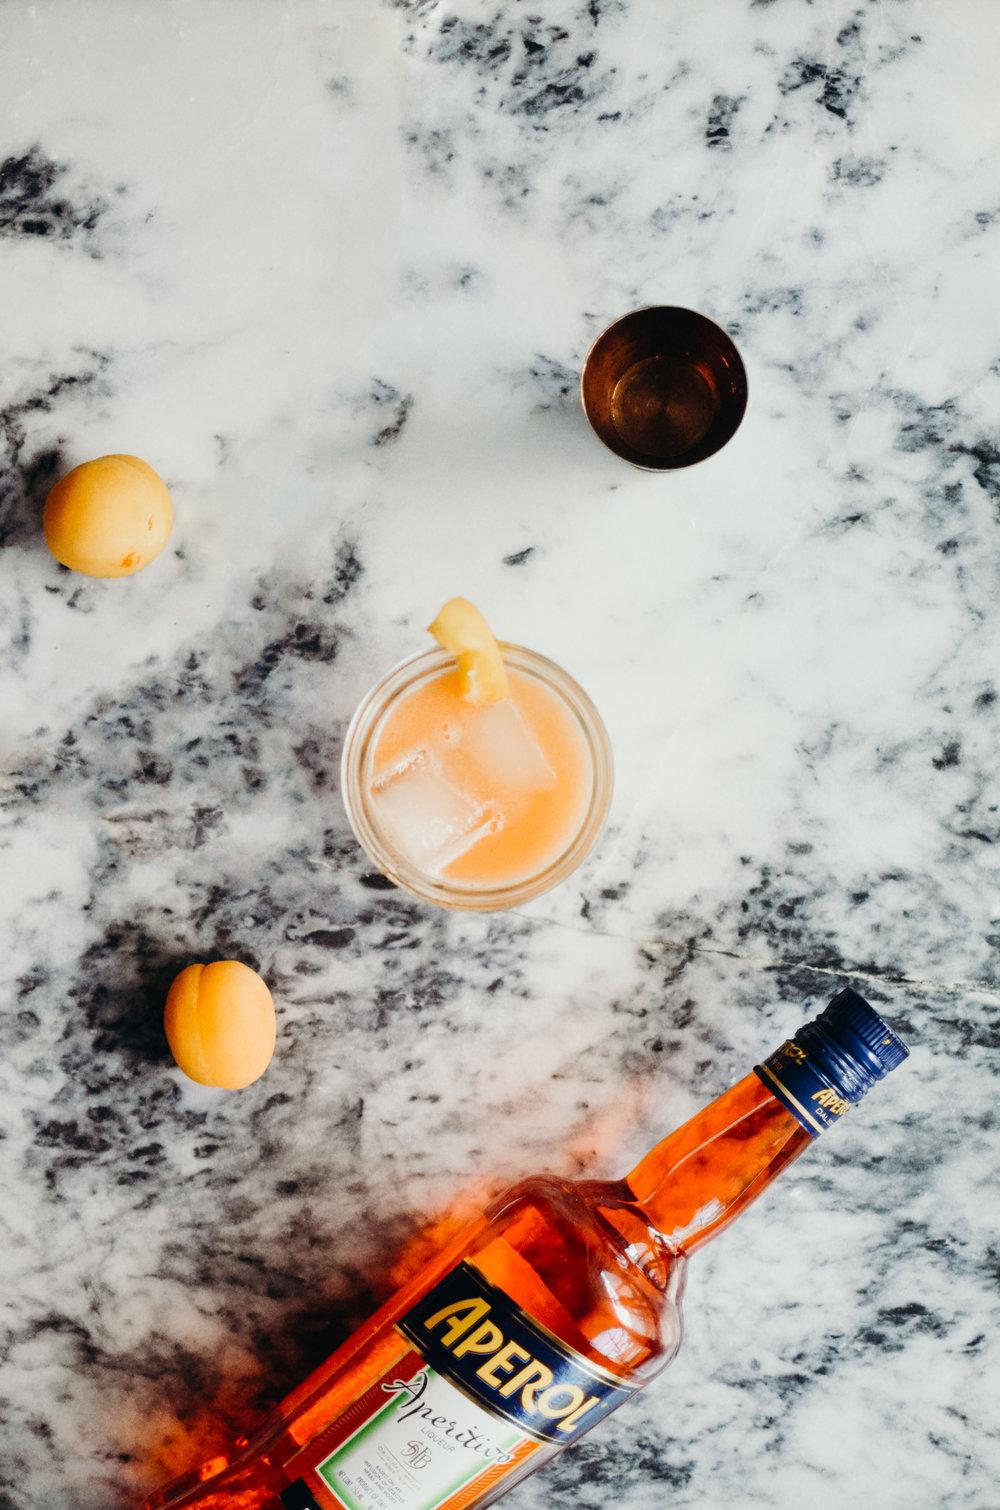 Wendling_Boyd_Angelcot_Lavender_Aperol_Spritz_Cocktail-4.jpg